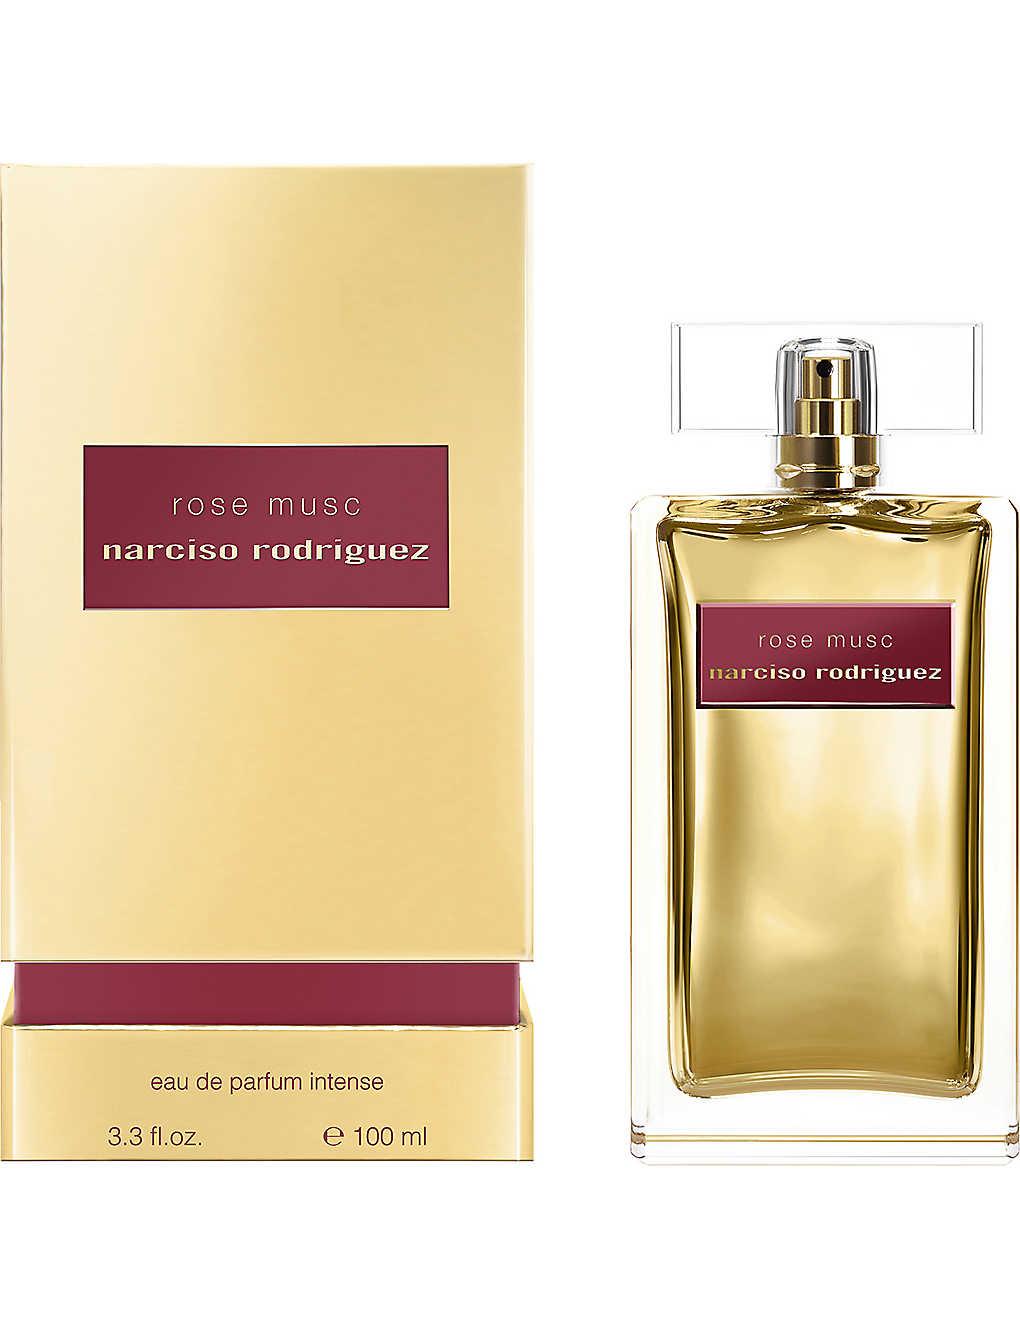 077d6a5eb44 NARCISO RODRIGUEZ - Rose Musc Intense eau de parfum 100ml ...